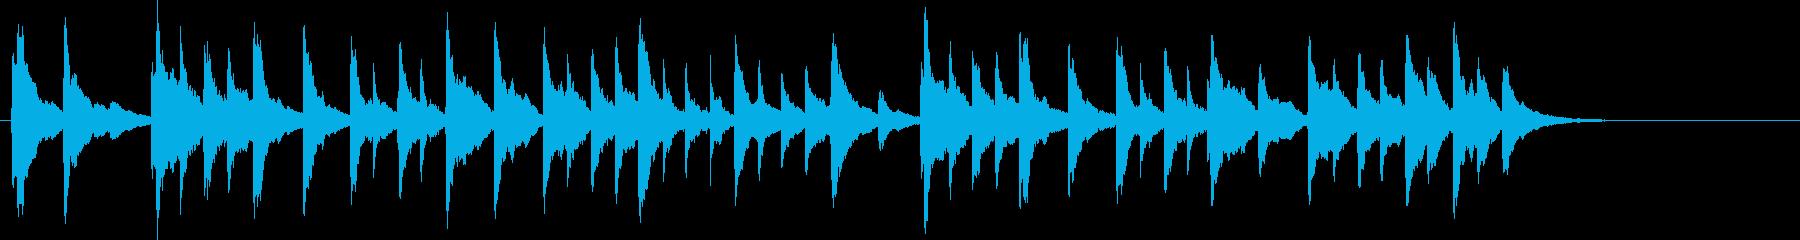 琴でのんびり「天国と地獄」(サビのみ)の再生済みの波形